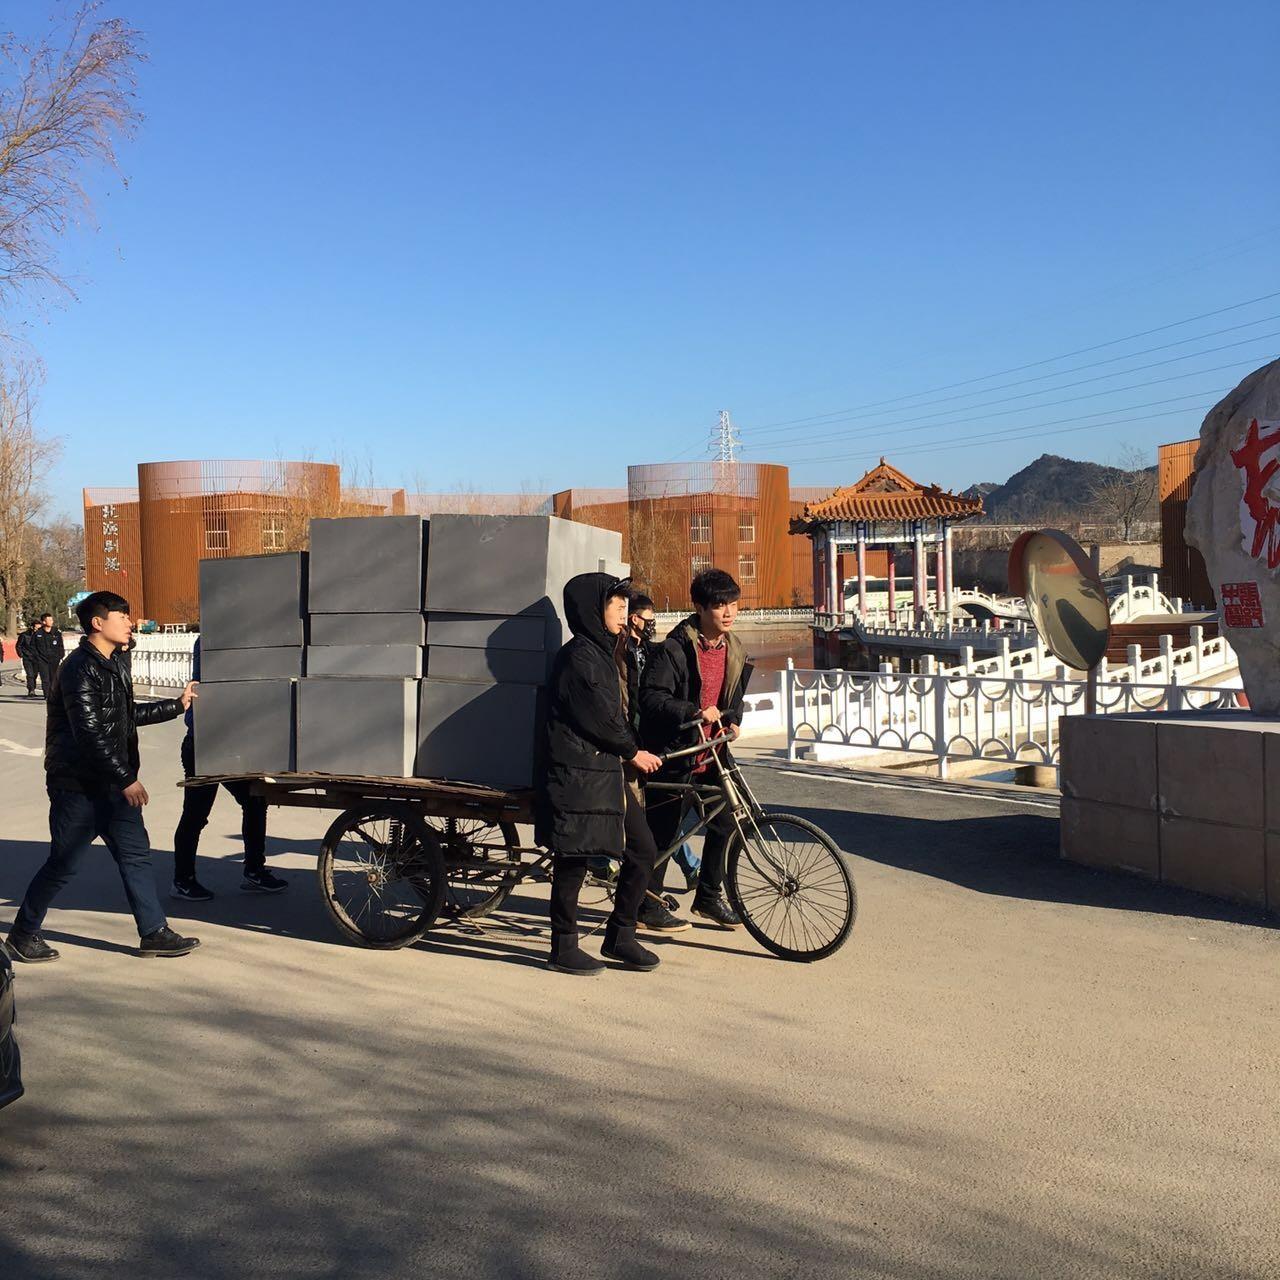 学生为迎接期末考试齐动手搬放道具